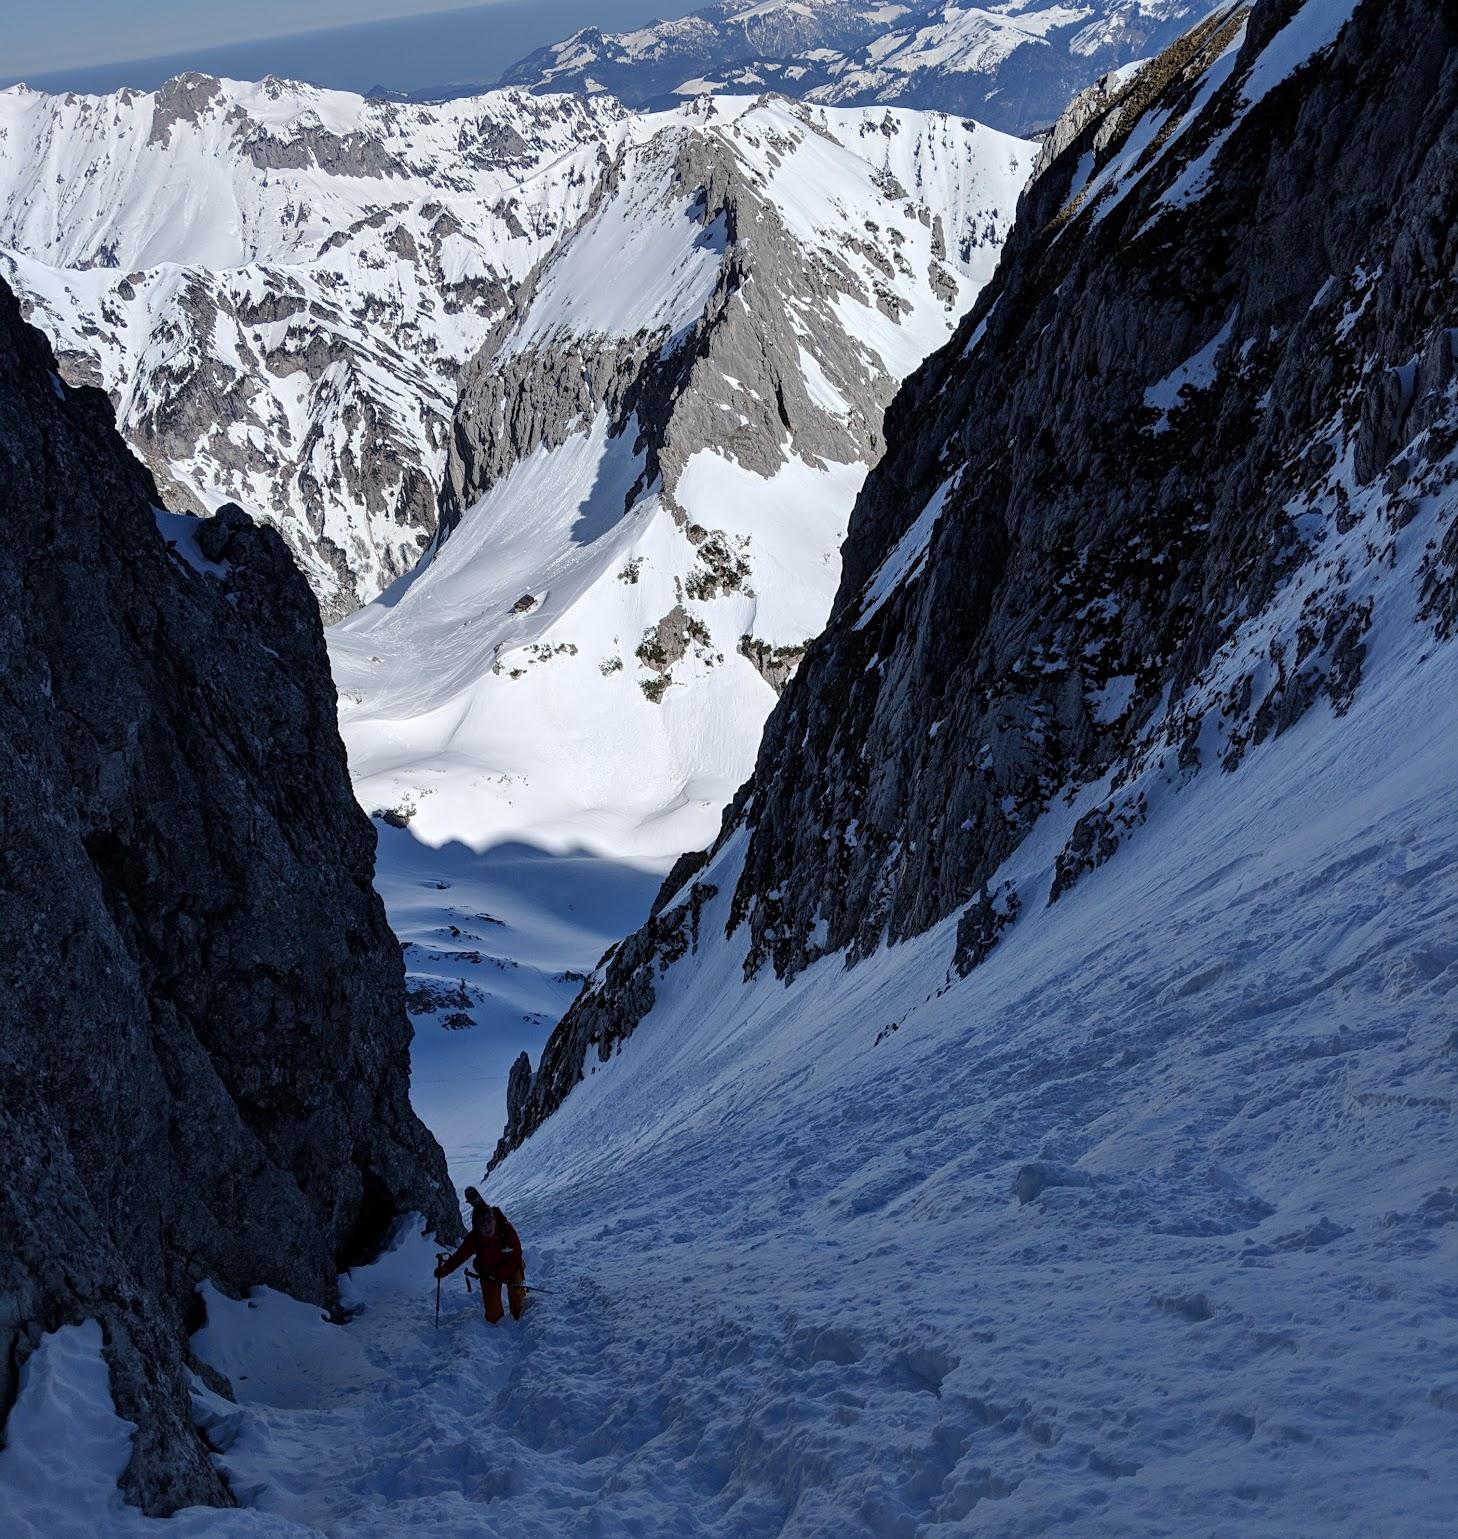 Schönwetterfensterl, Wilder Kaiser skitour - Mar 19